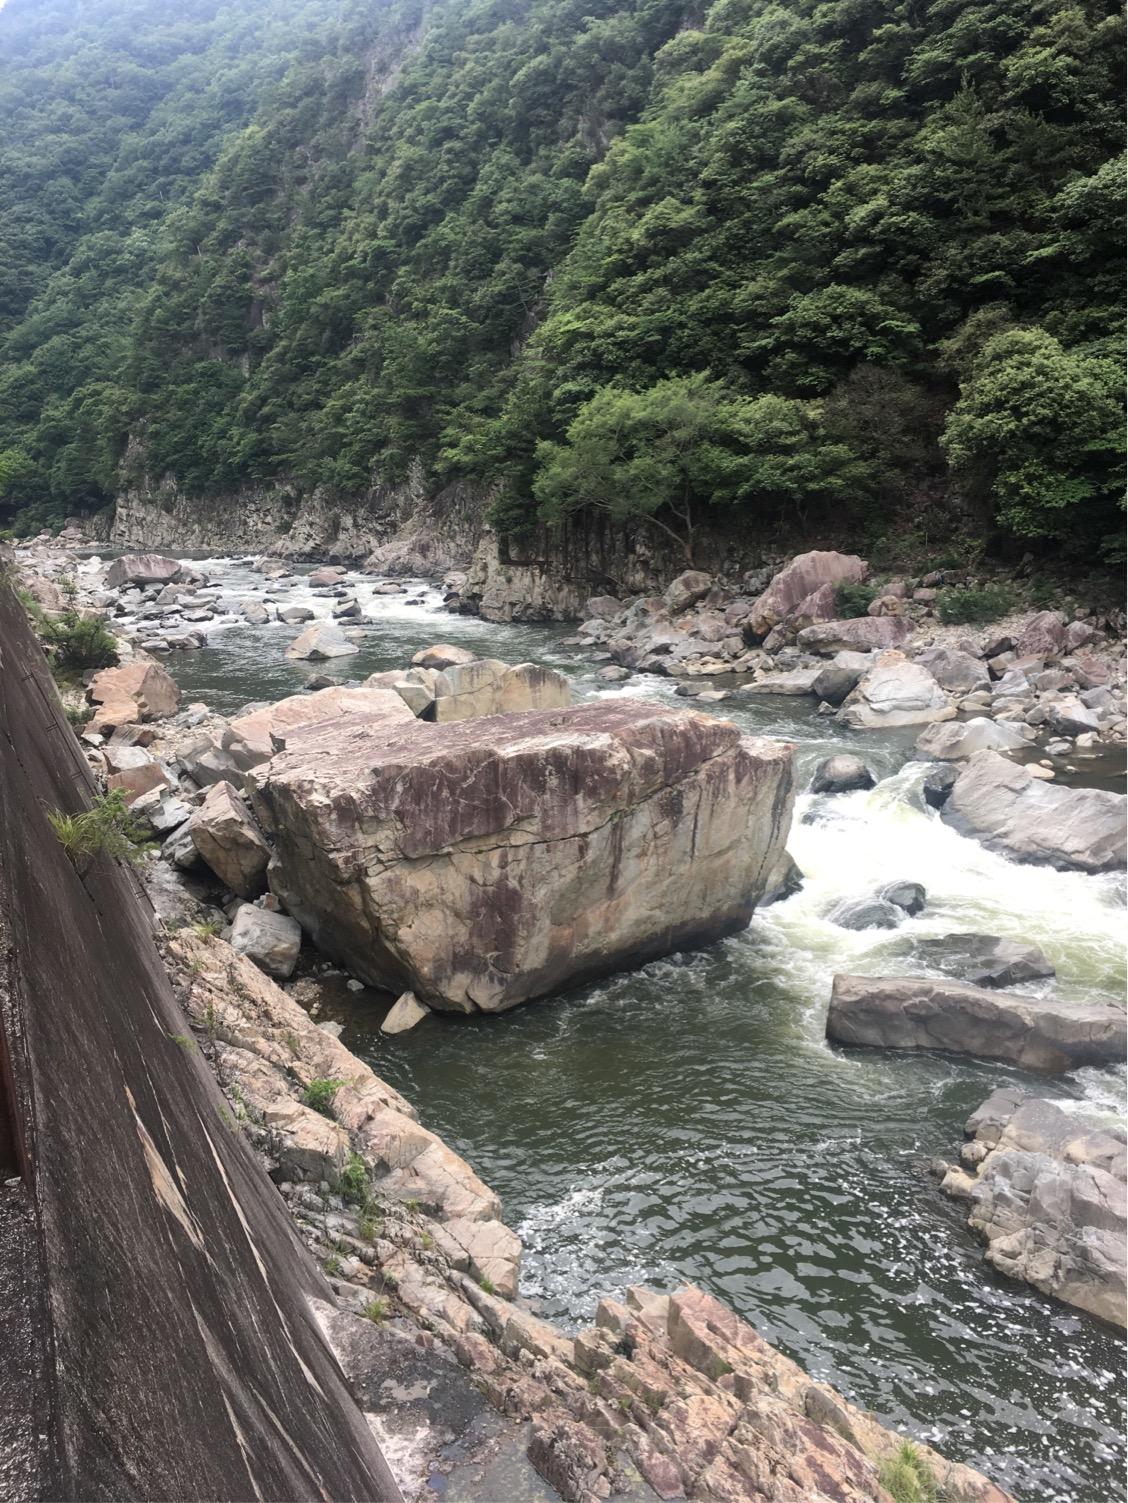 大阪、兵庫おススメドライブスポット(旧福知山線、廃線路跡)のアイキャッチ画像